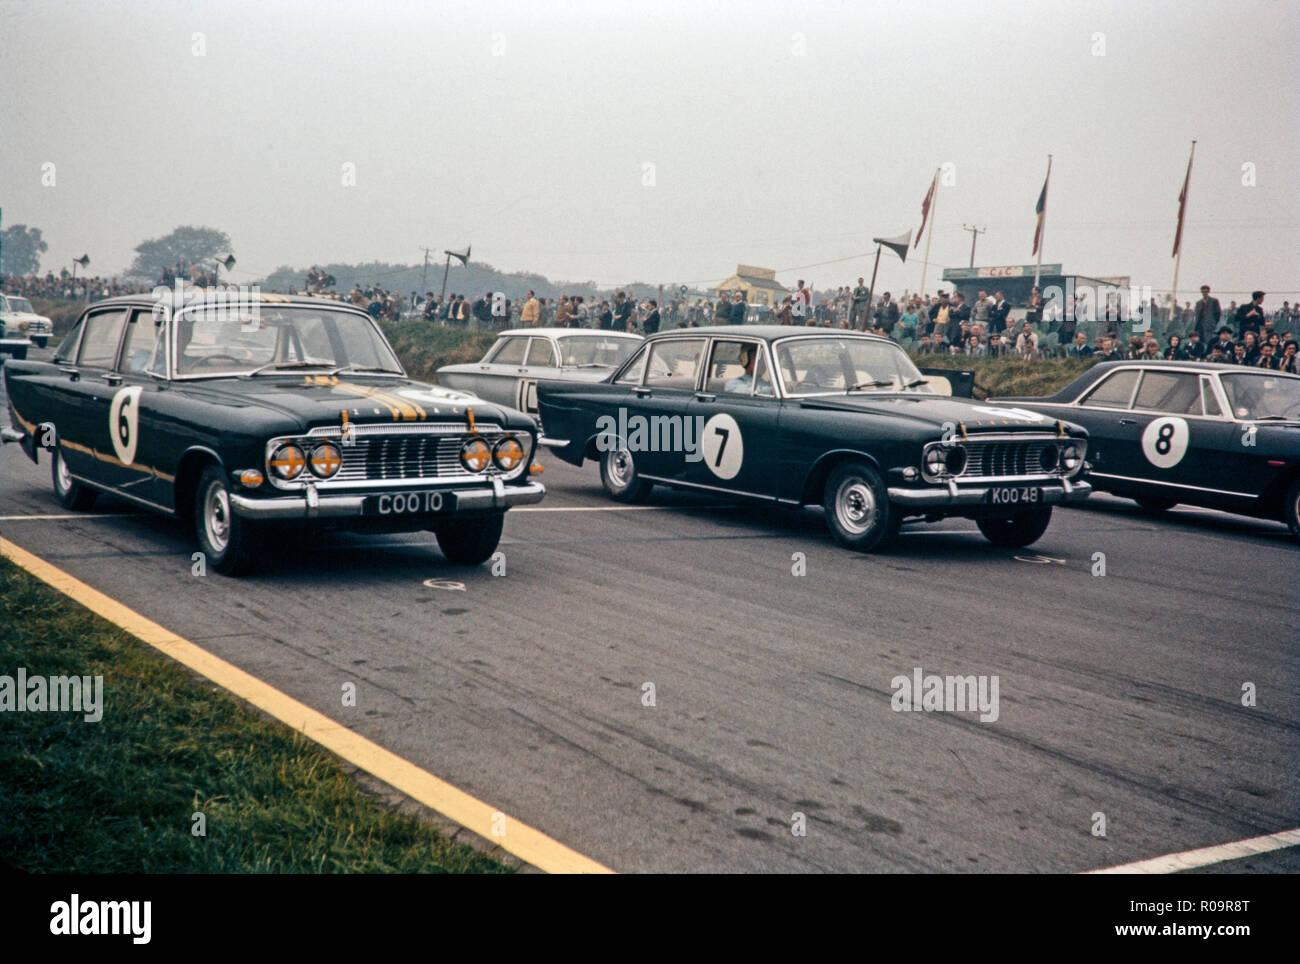 Motor Racing an der Brands Hatch in England in den frühen 1960er Jahren. Dargestellt sind zwei Ford Zodiac Autos, Nummer 6 und 7. Foto der Startaufstellung, nur vor dem Rennen starten. Stockbild